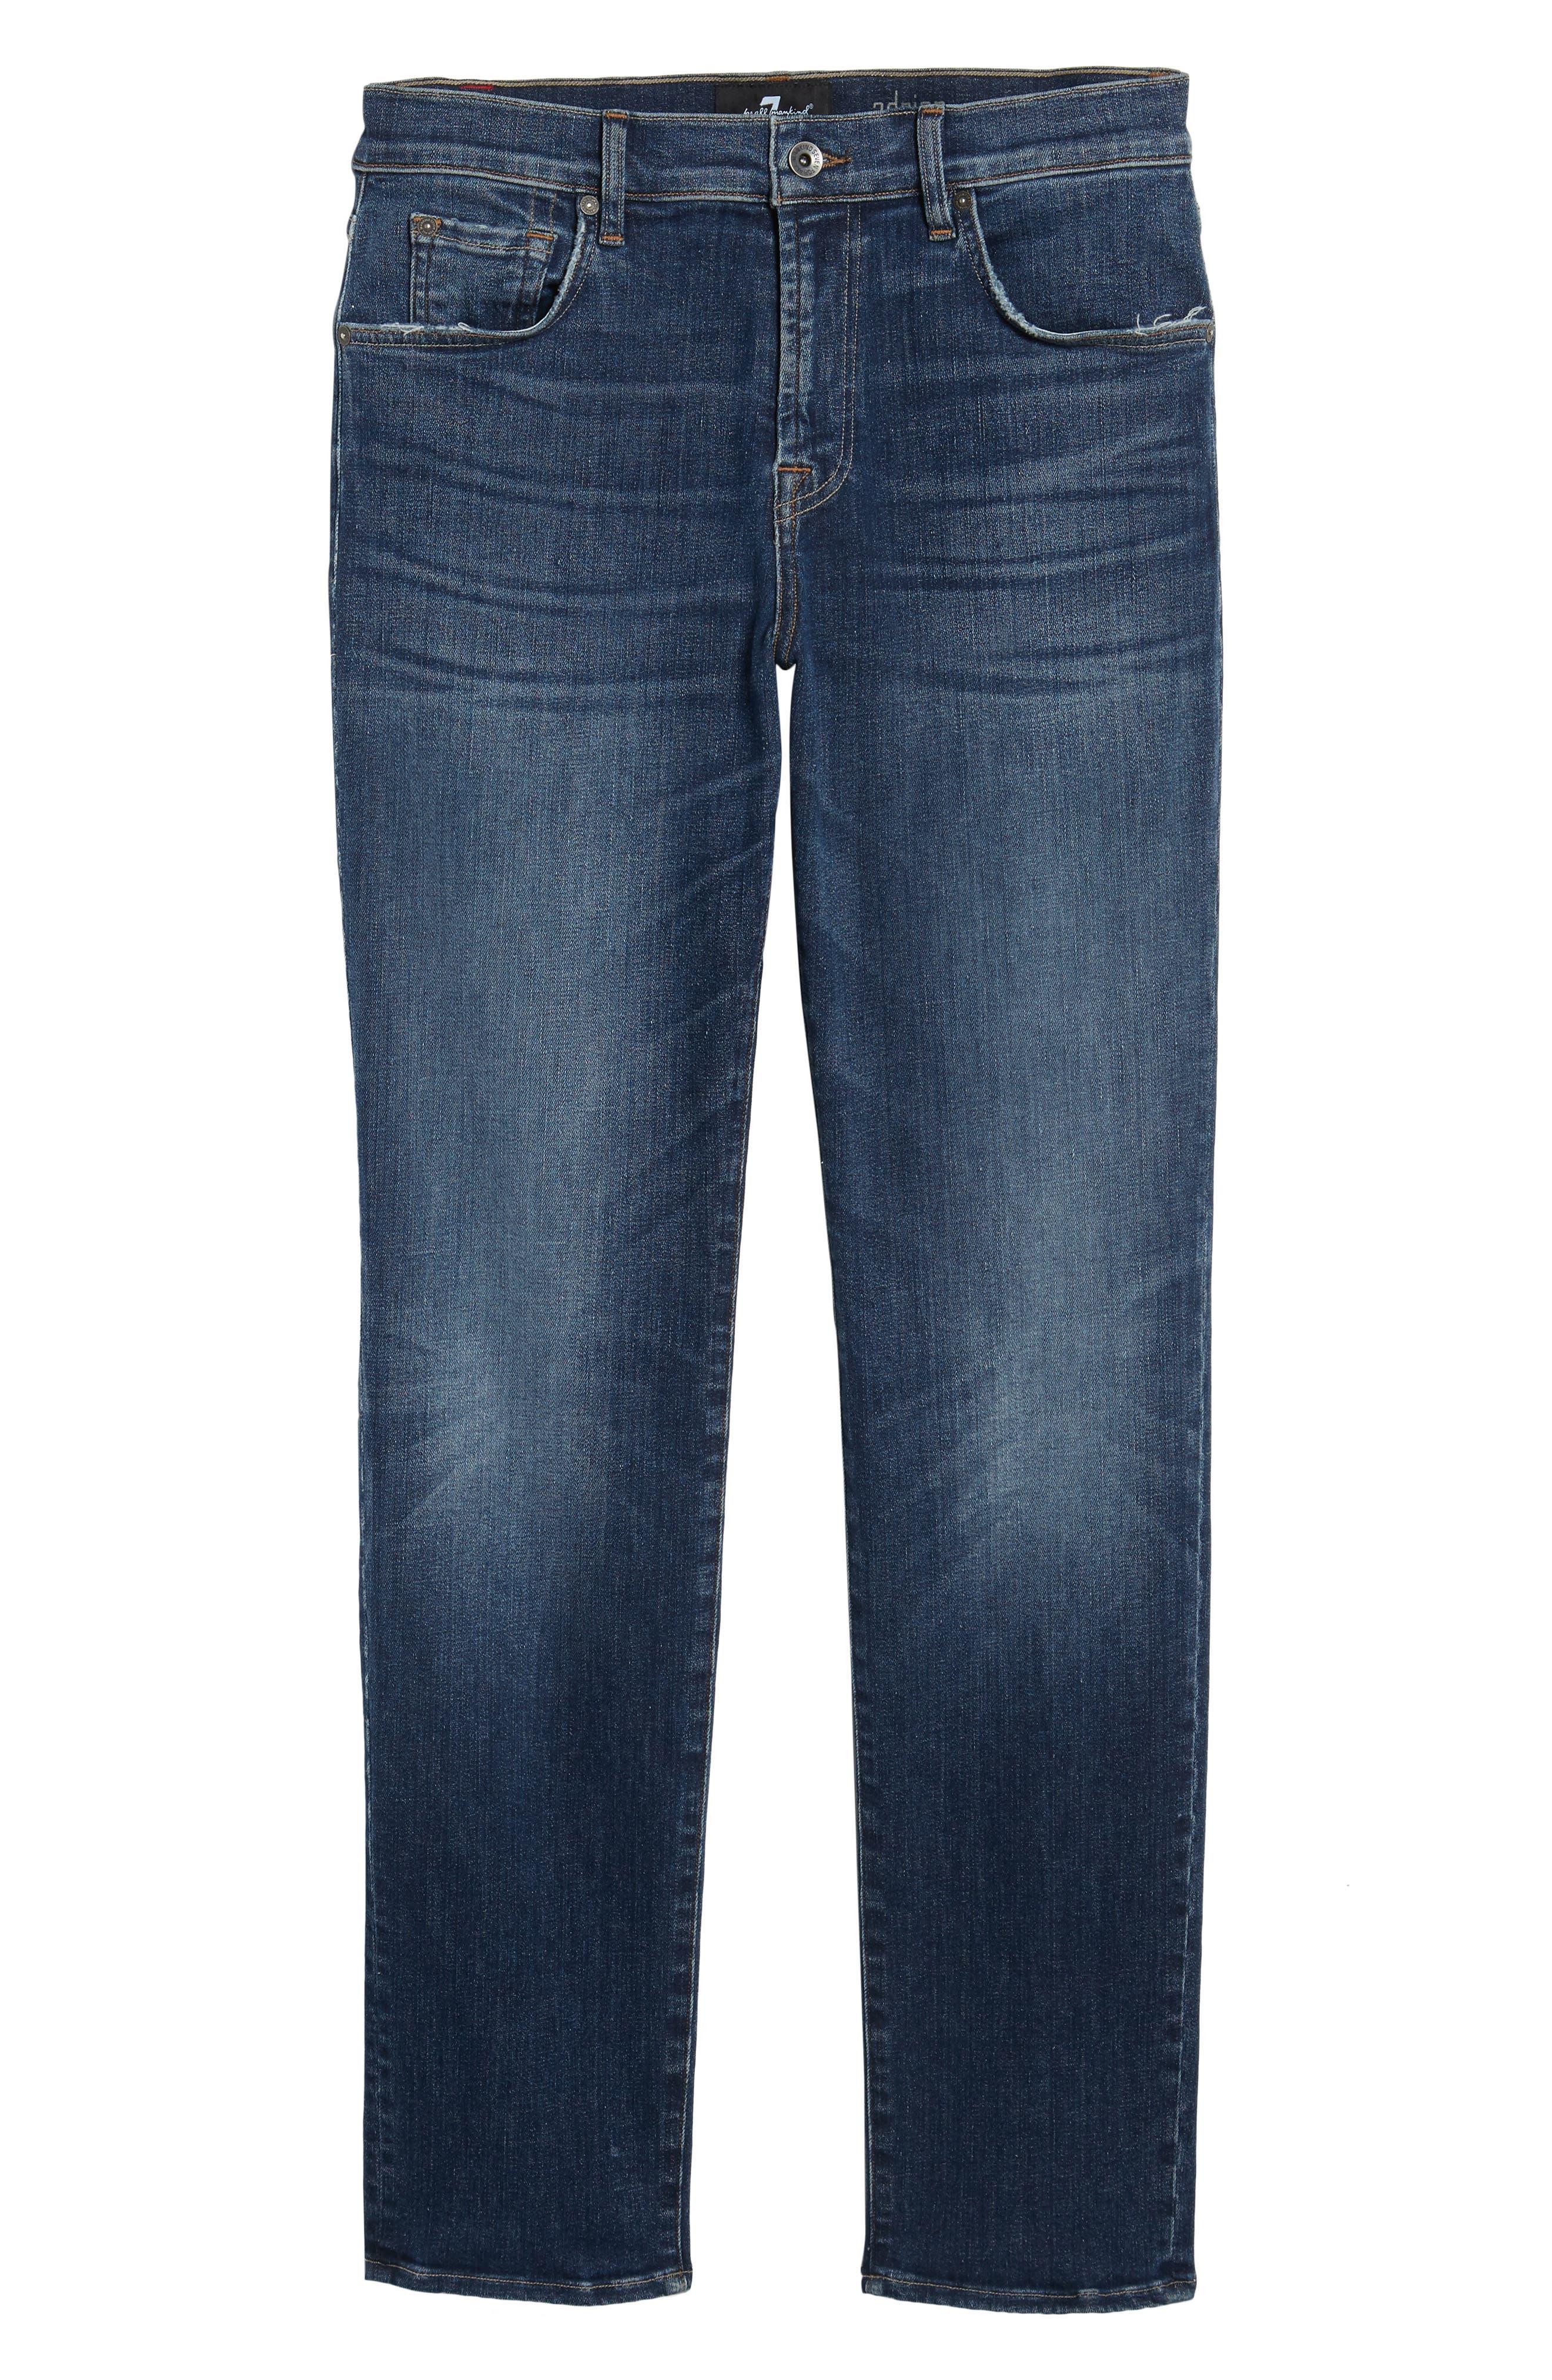 Adrien Slim Fit Jeans,                             Alternate thumbnail 6, color,                             402